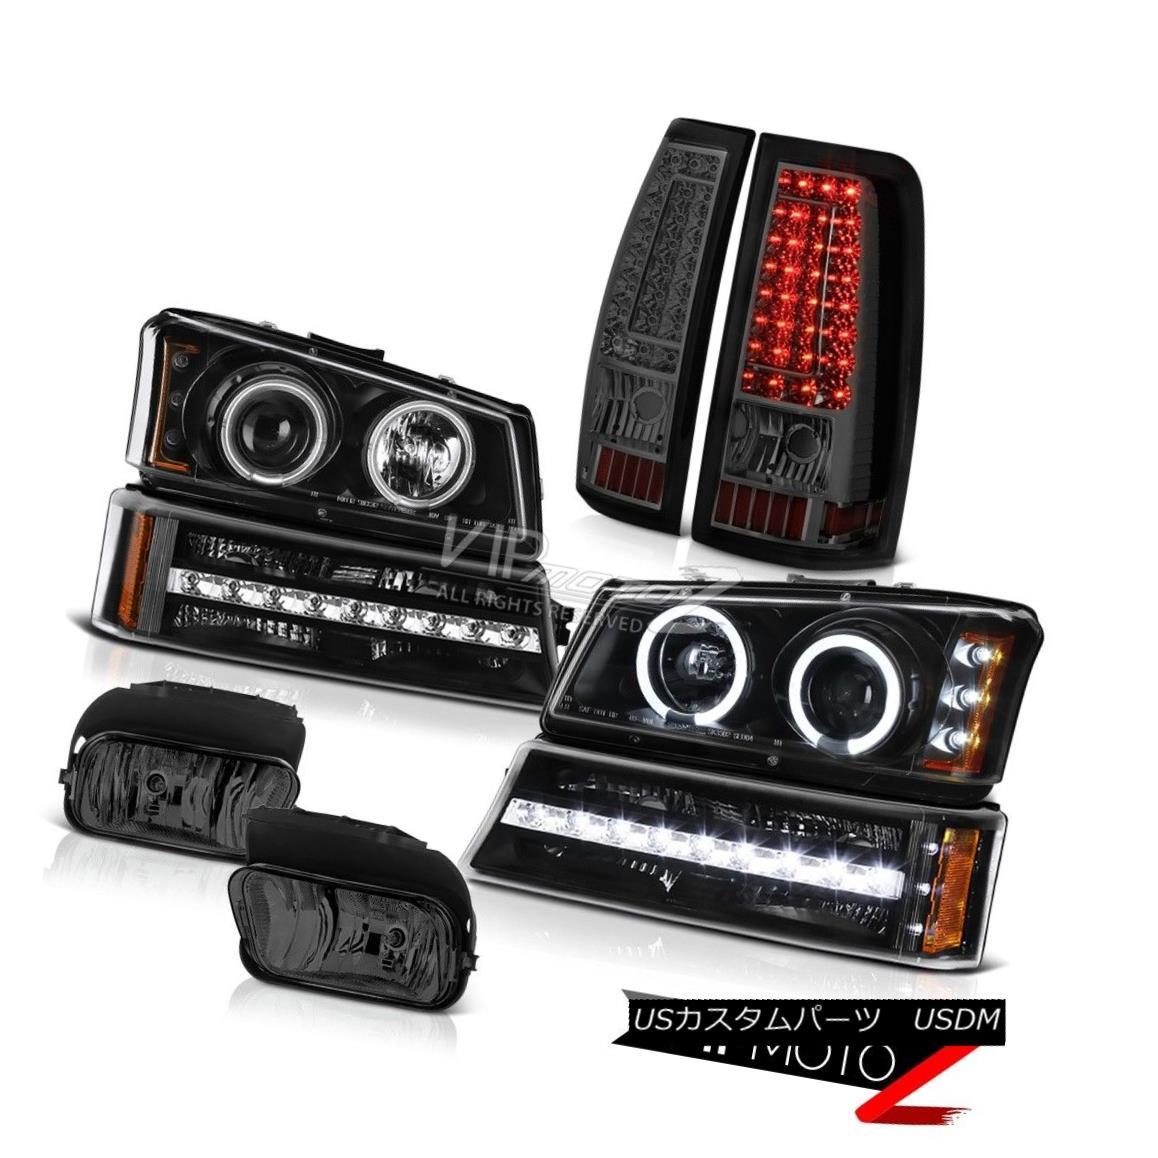 ヘッドライト 03 04 05 06 Silverado Foglamps Tail Lights Matte Black Bumper Light Headlights 03 04 05 06 Silverado Foglampsテールライトマットブラックバンパーライトヘッドライト